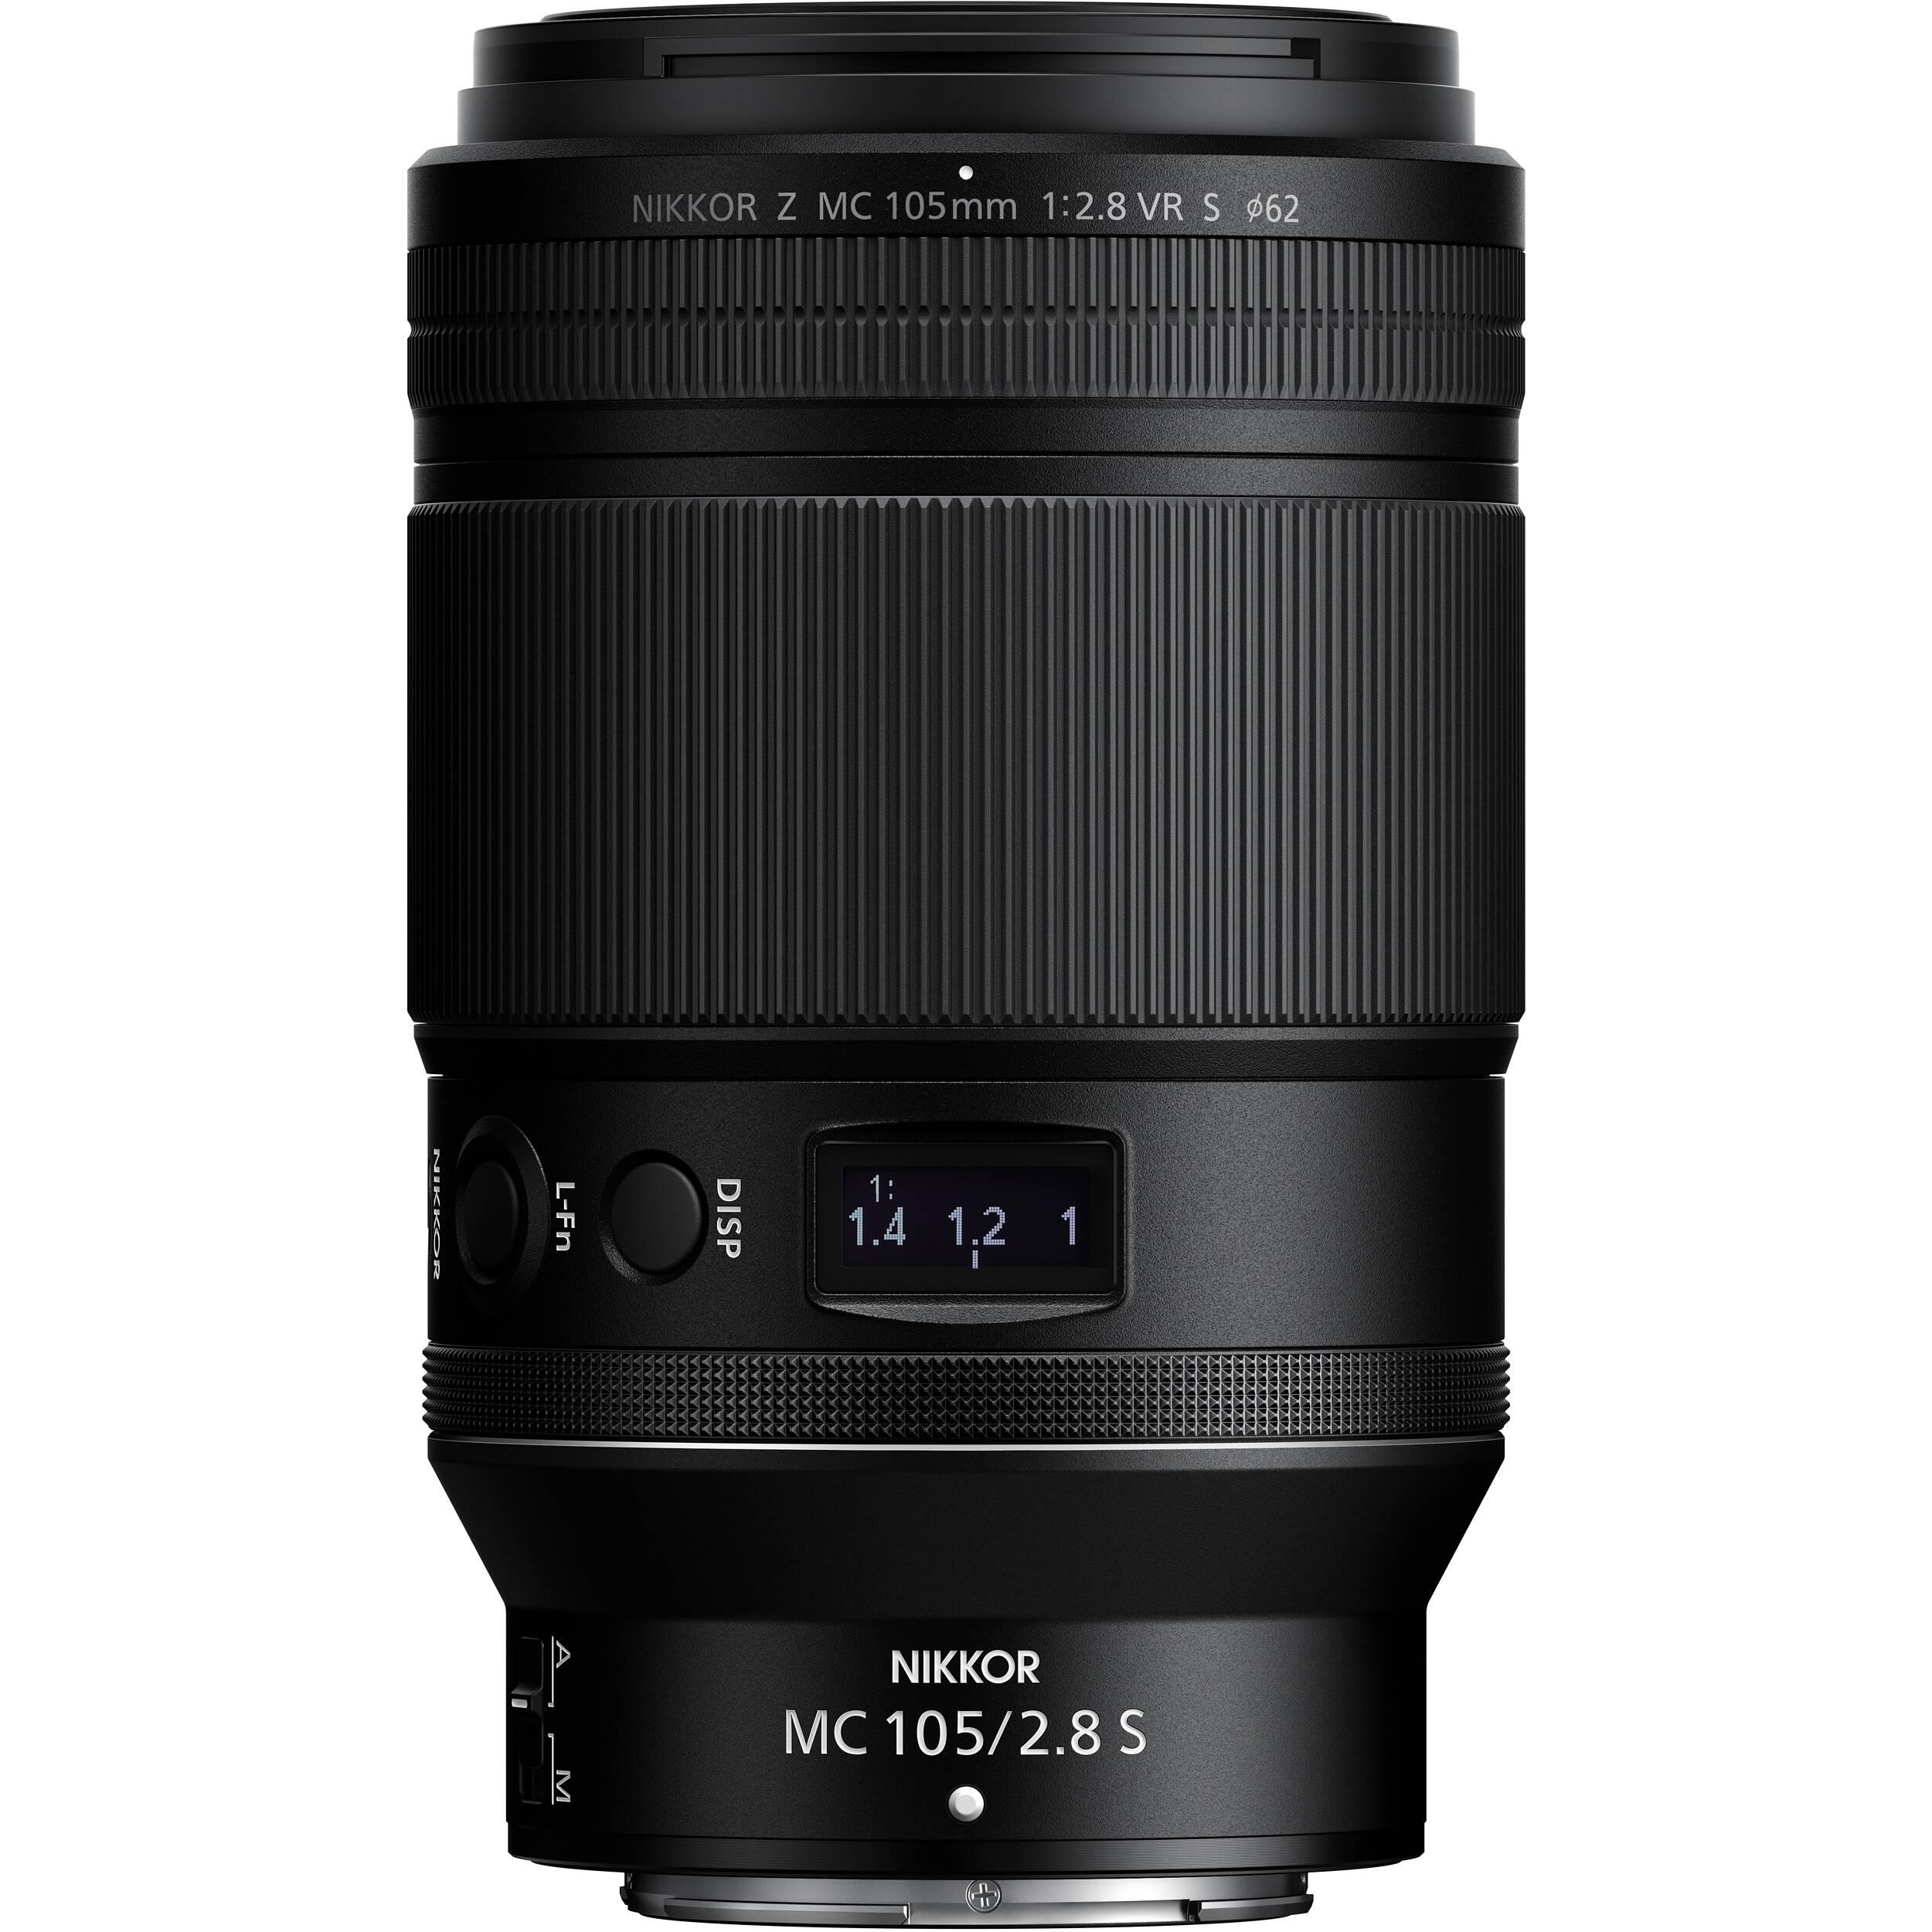 NIKKOR Z MC 105mm f/2.8 alternative view